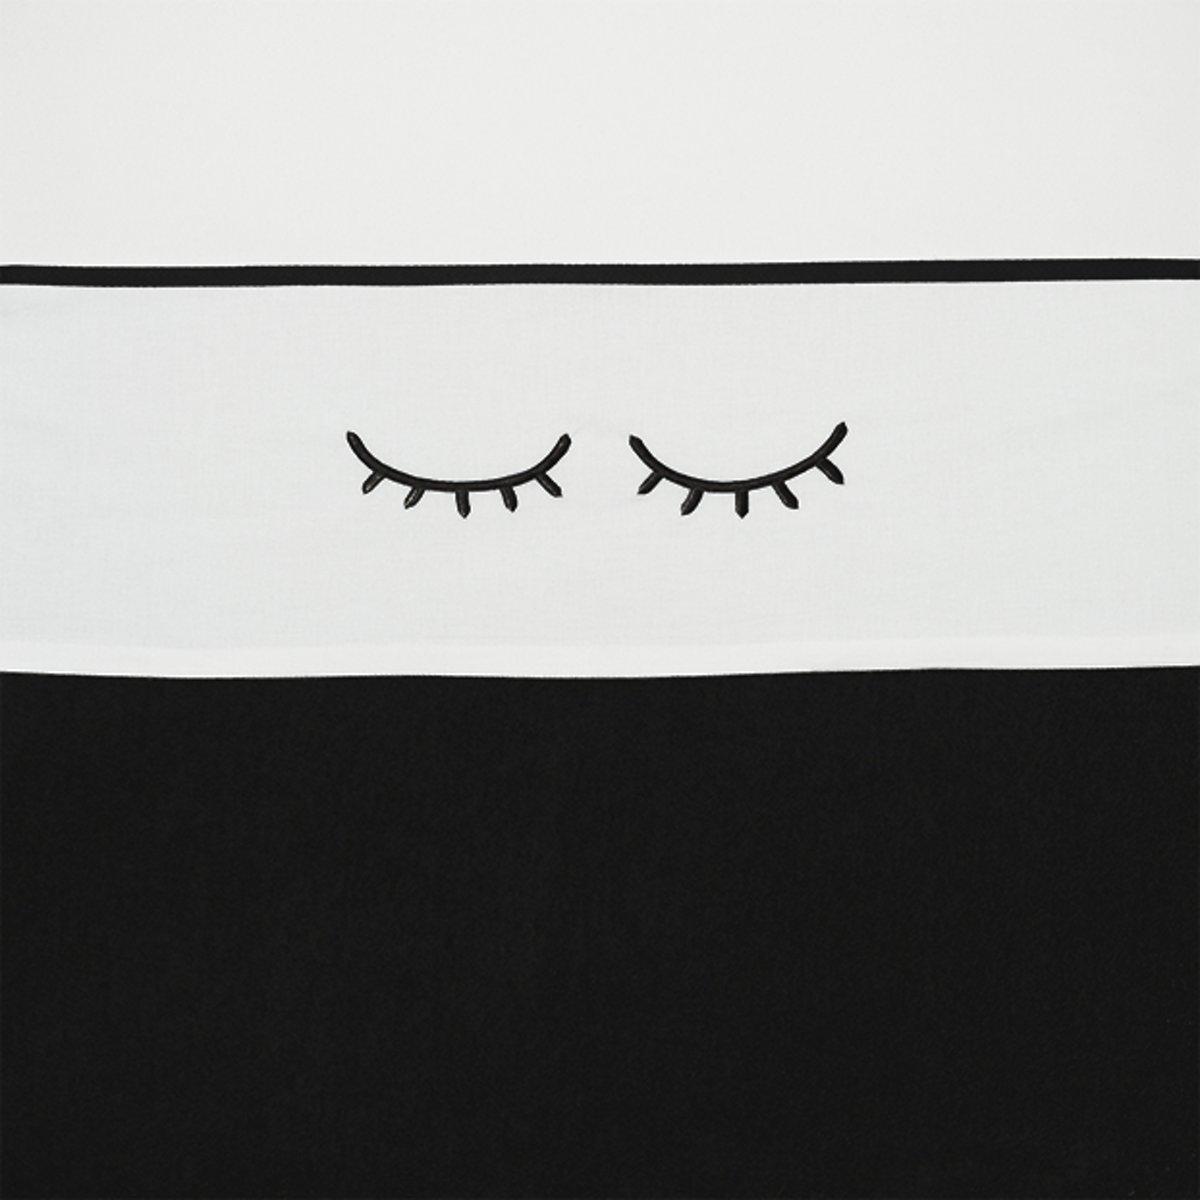 Meyco Sleepy eyes wieglaken - 75 x 100 cm - zwart